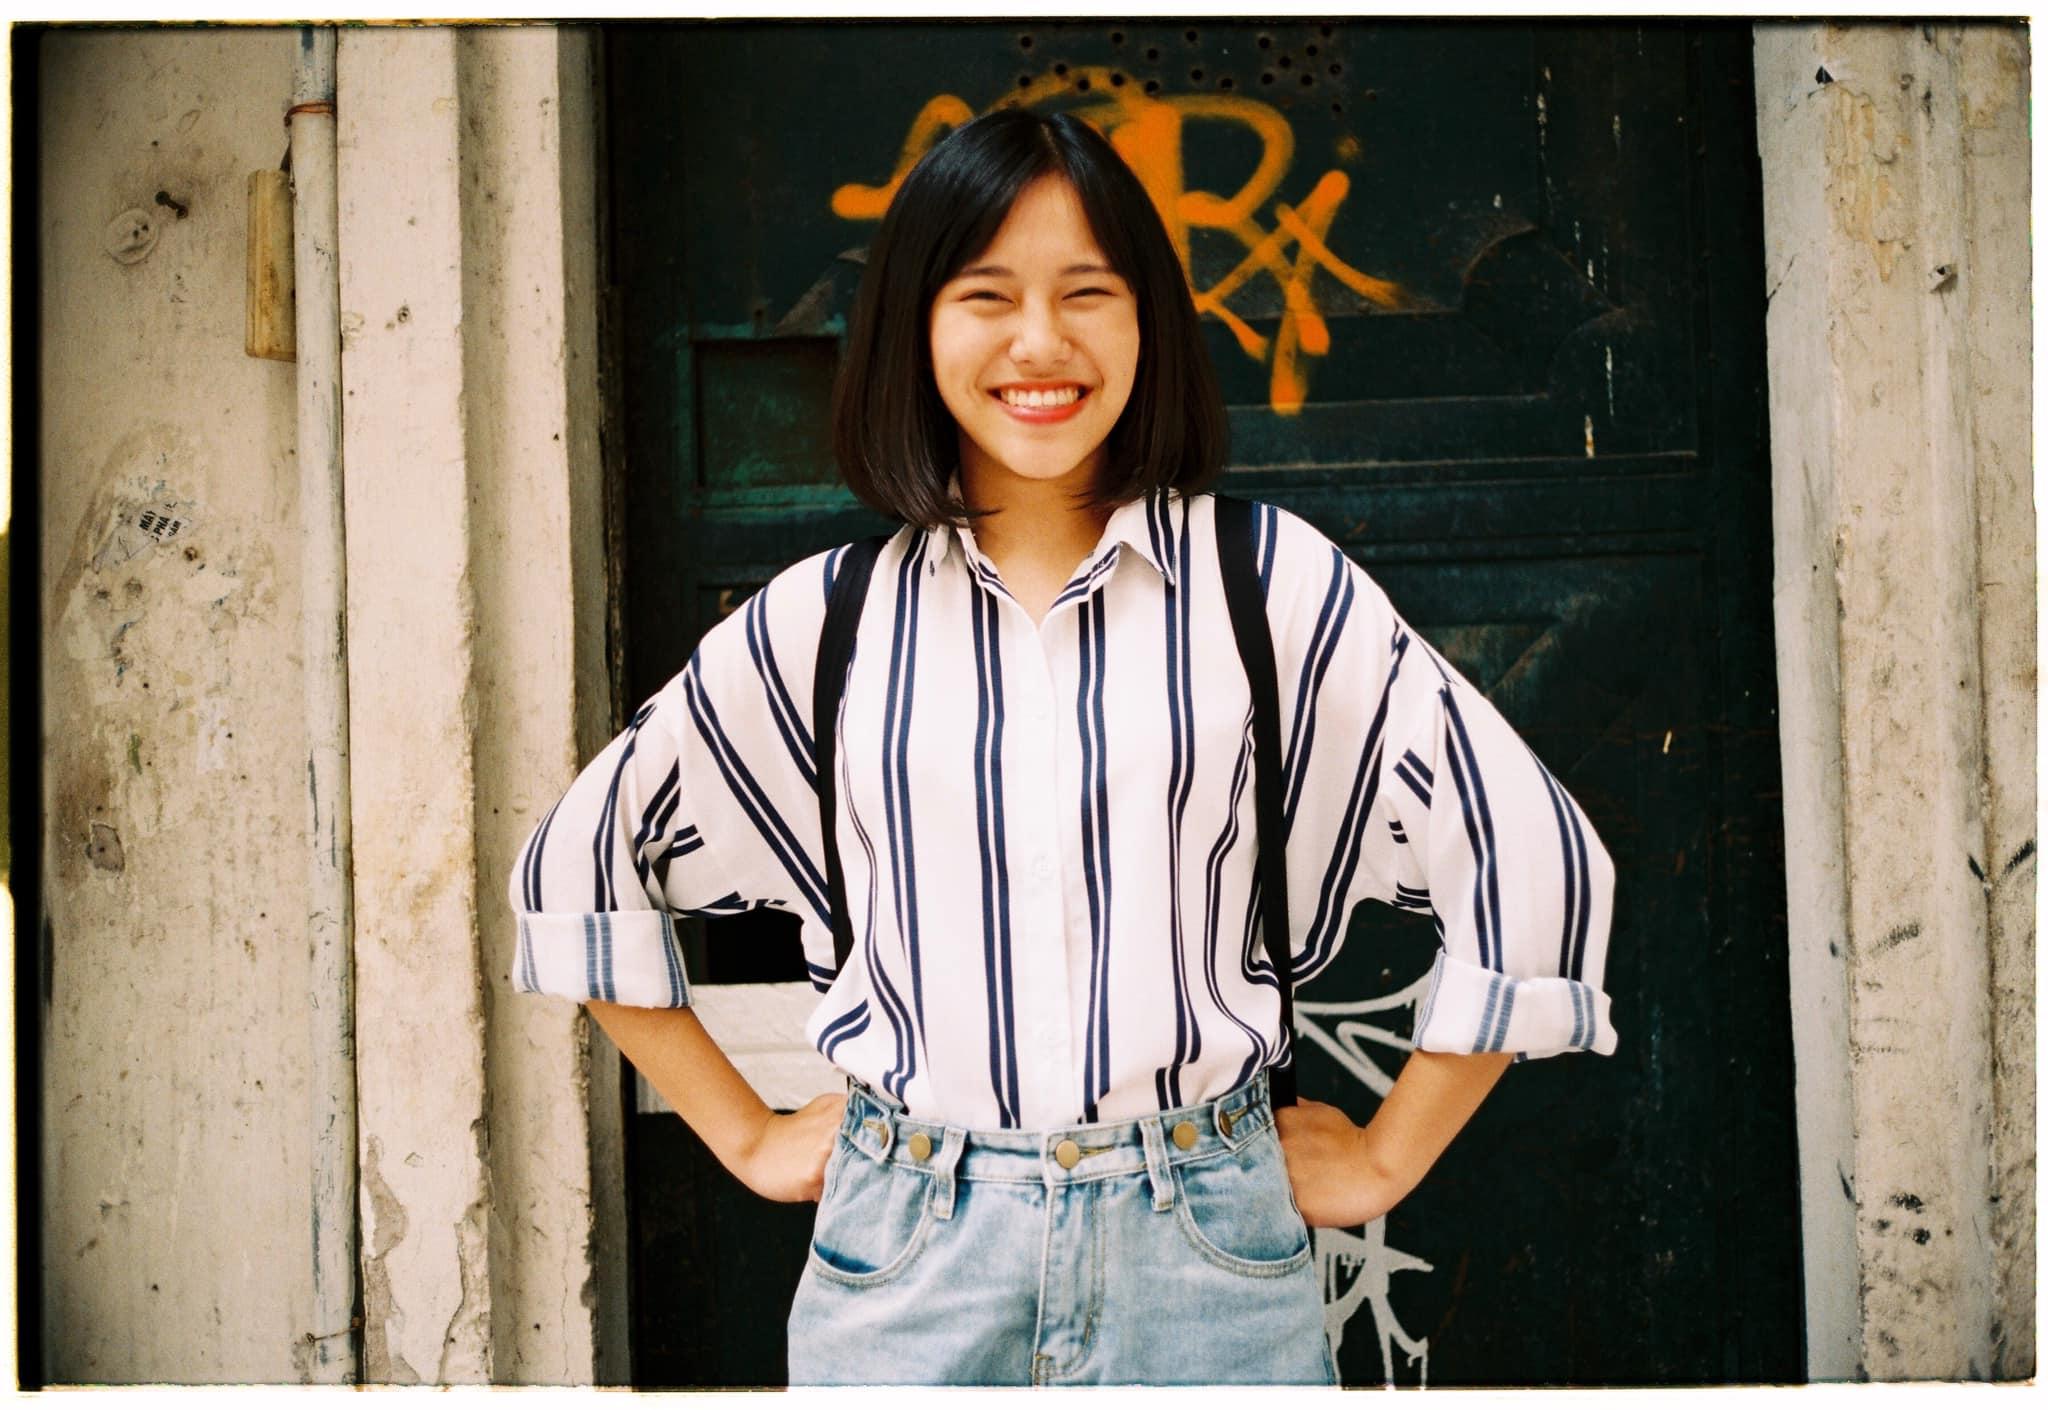 """Sở trường của Châu là ca hát. Đối với cô, âm nhạc là cuộc sống. Em cũng thích đi du lịch và chụp ảnh, đọc sách và đặc biệt là thiền định.Minh Châu thường được bạn bè đùa vui là """"cô gái vàng trong làng quán quân"""", bởi cô bạn này cứ đi thi là đảm bảo rinh giải thưởng lớn mang về."""